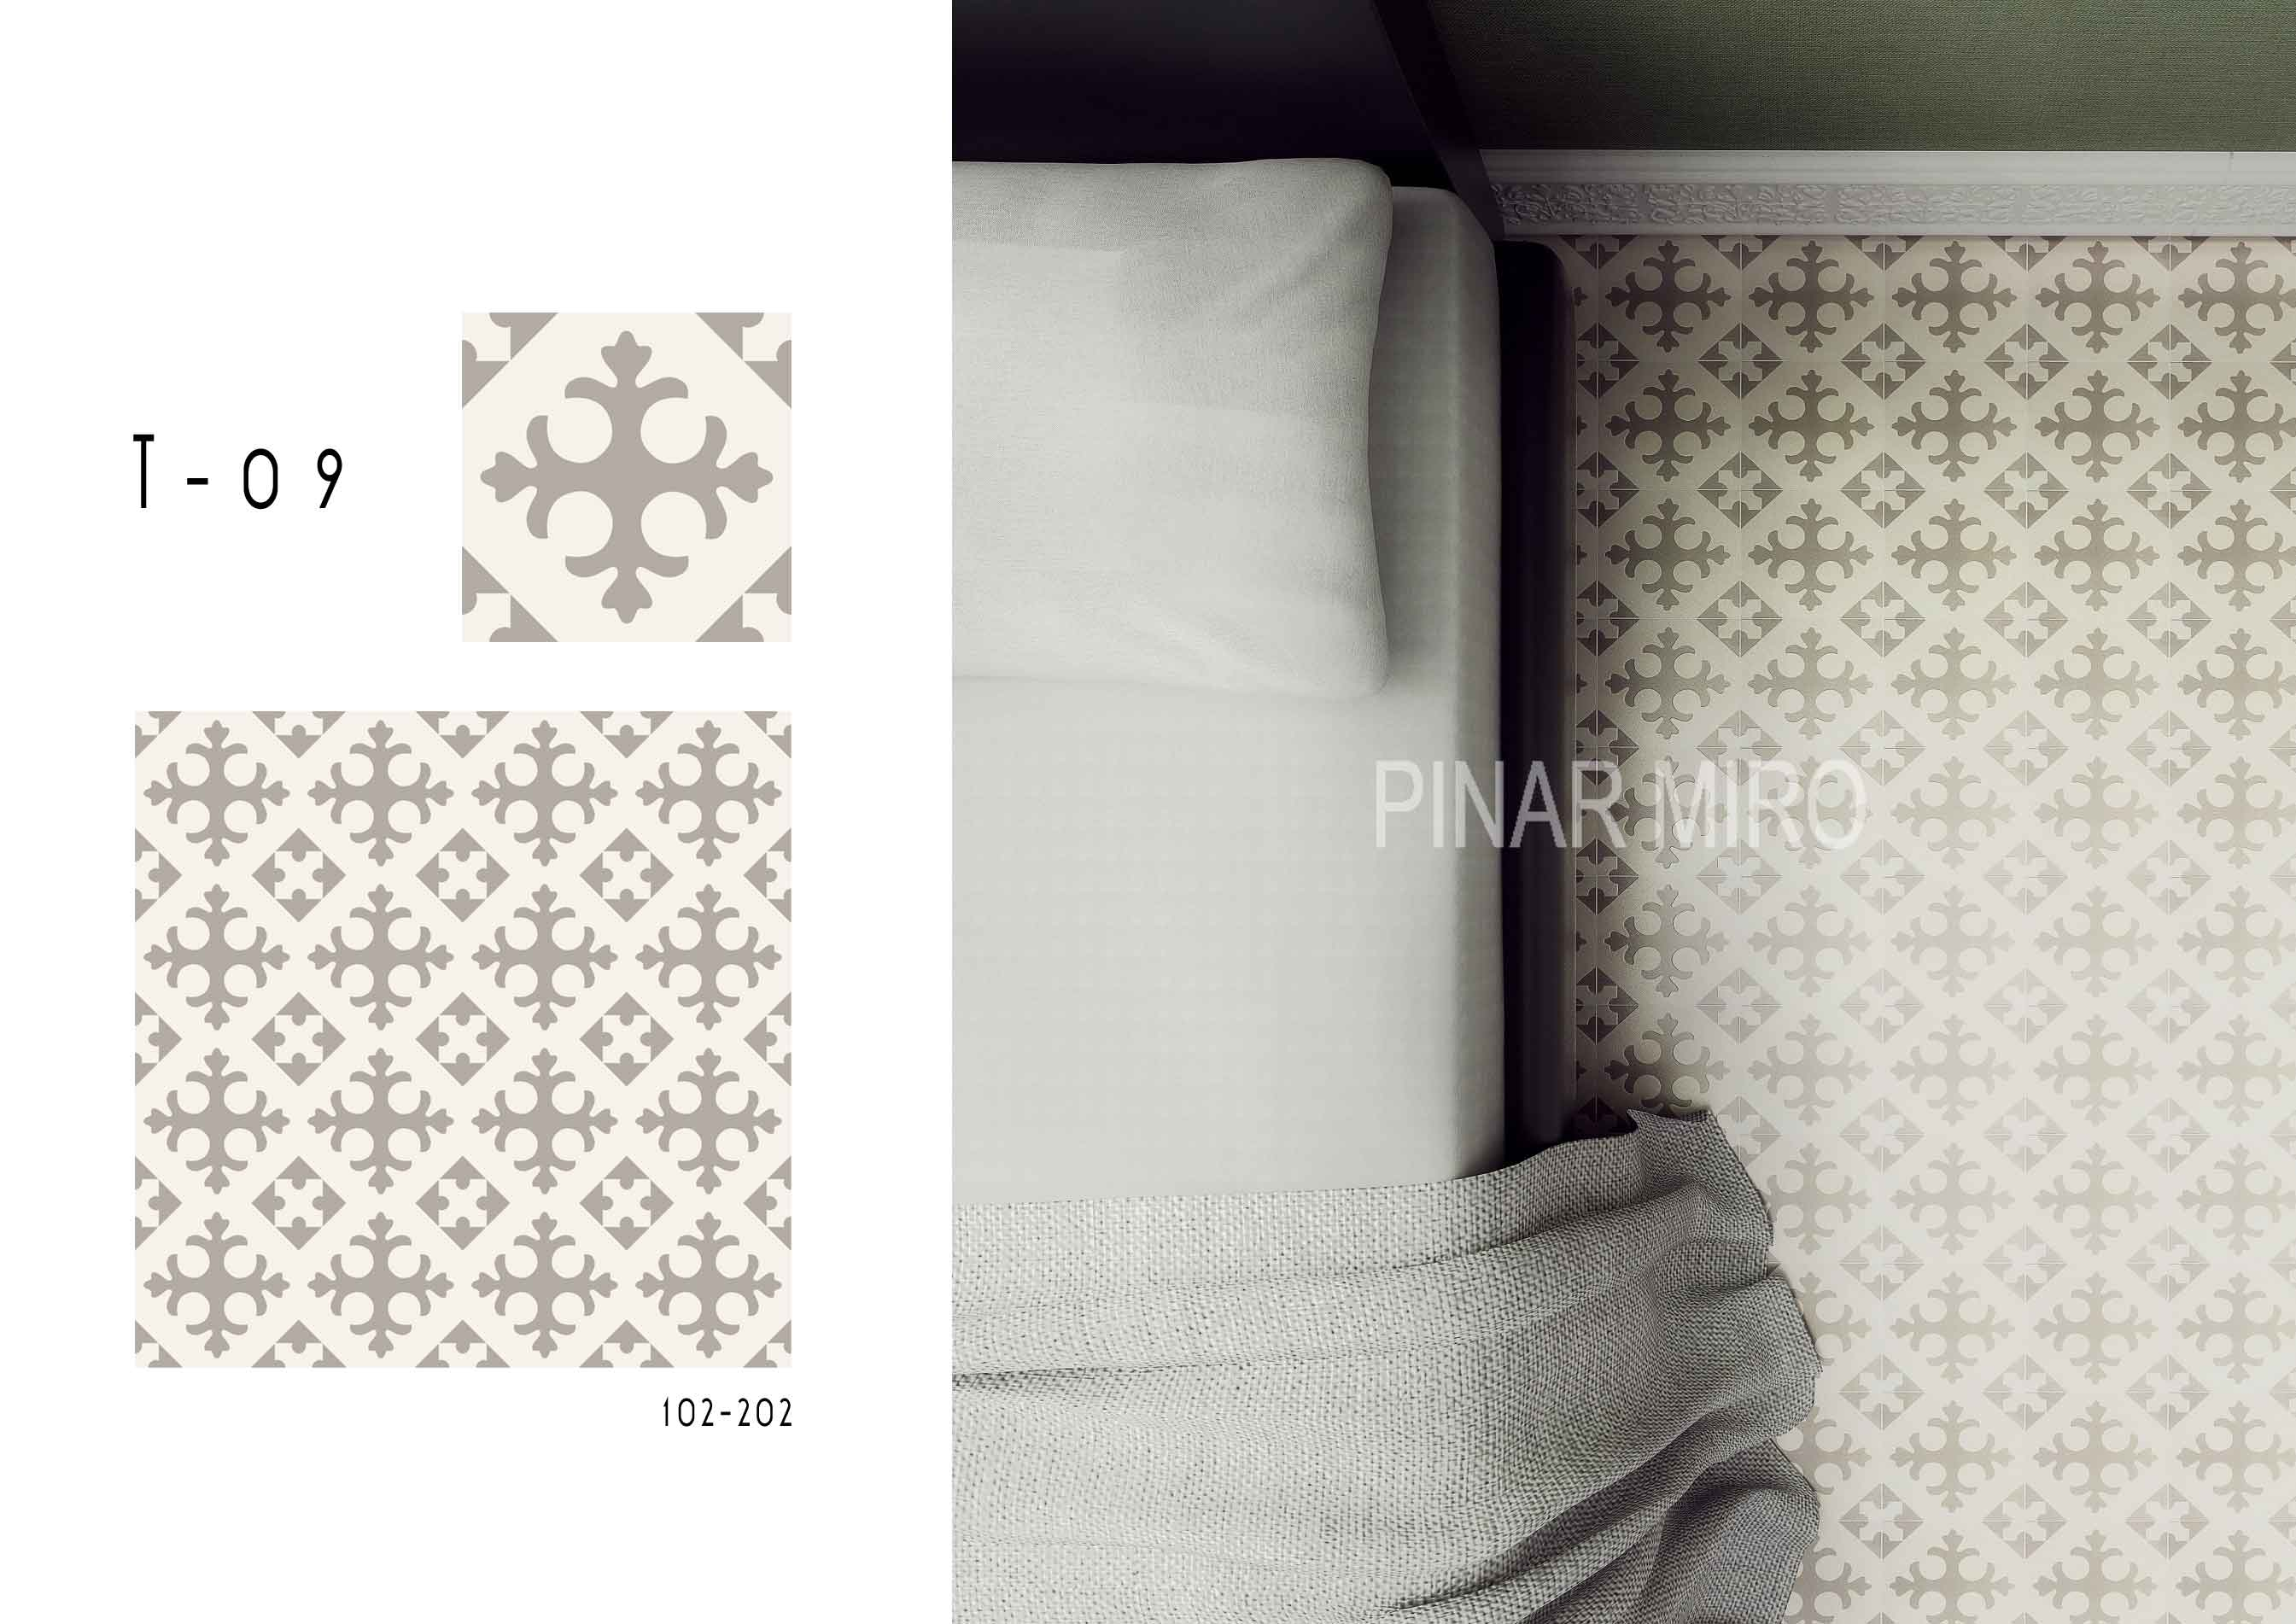 1t009-pinar-miro-cement-tiles